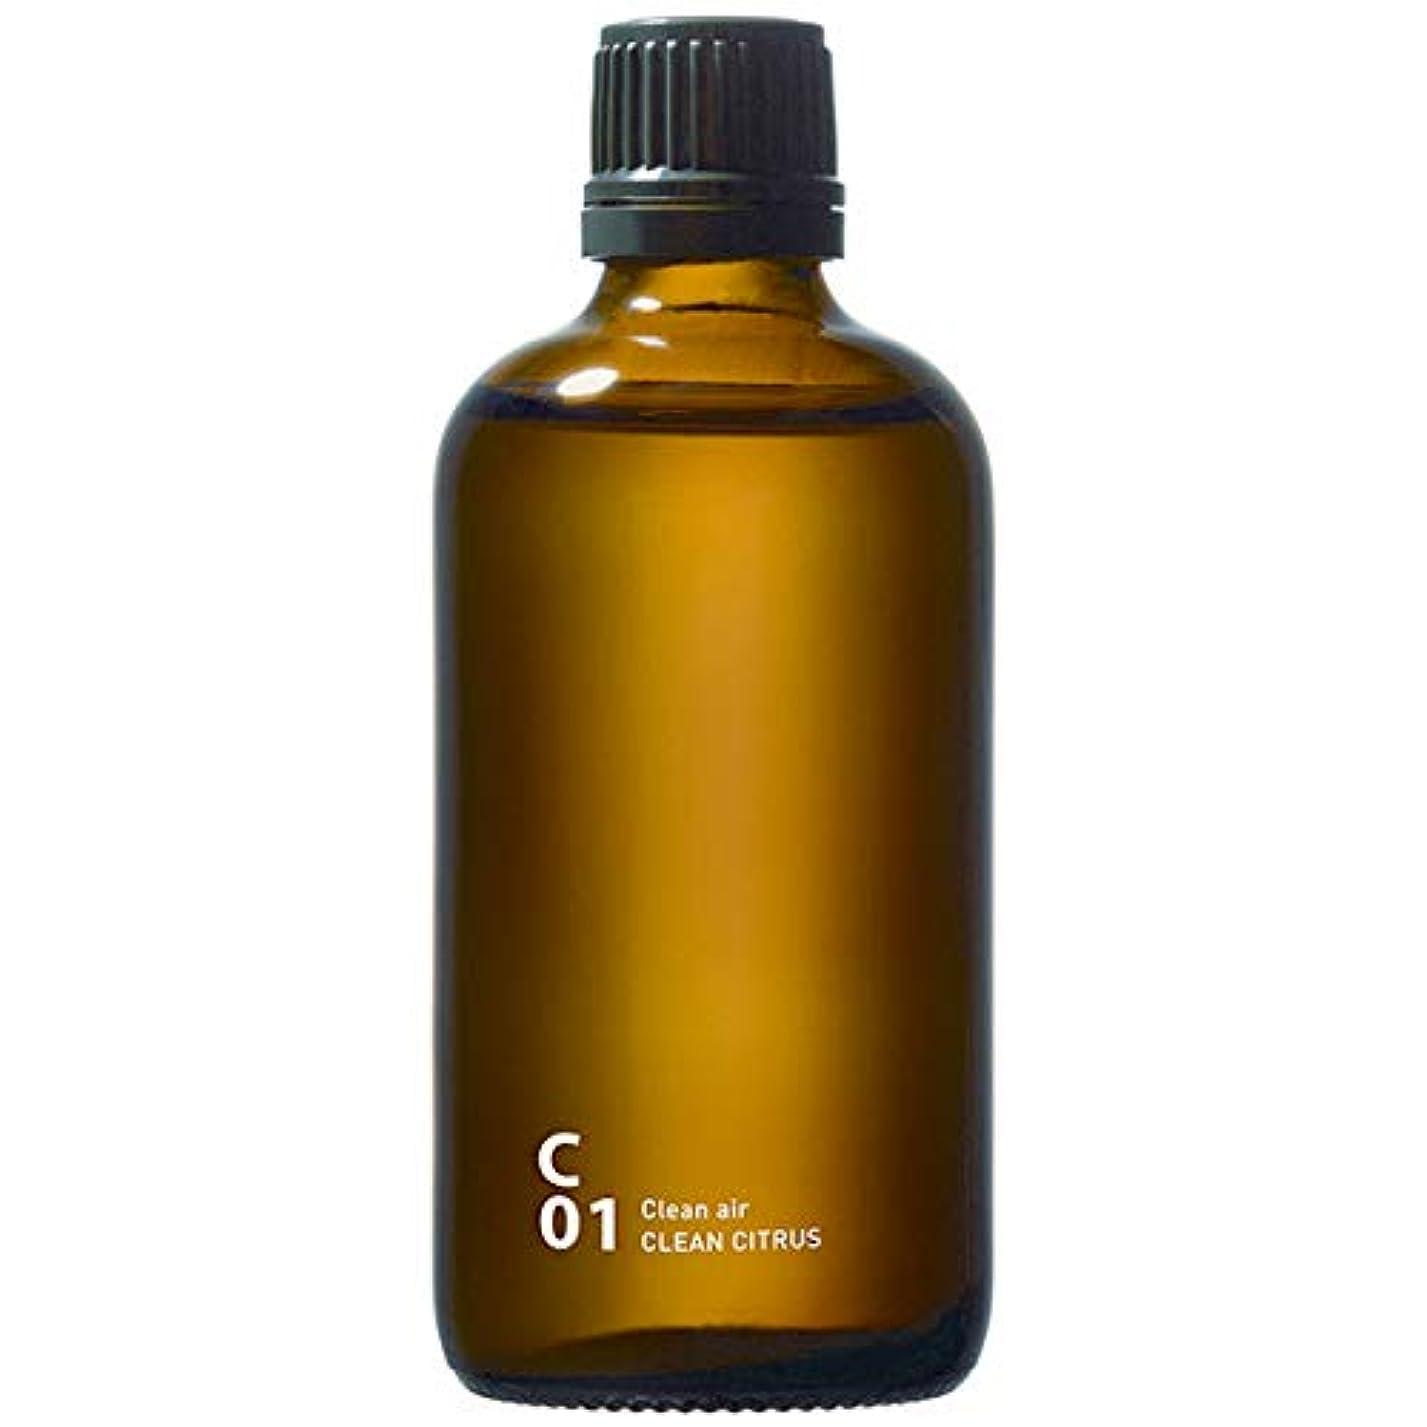 アプライアンス輝く前にC01 CLEAN CITRUS piezo aroma oil 100ml